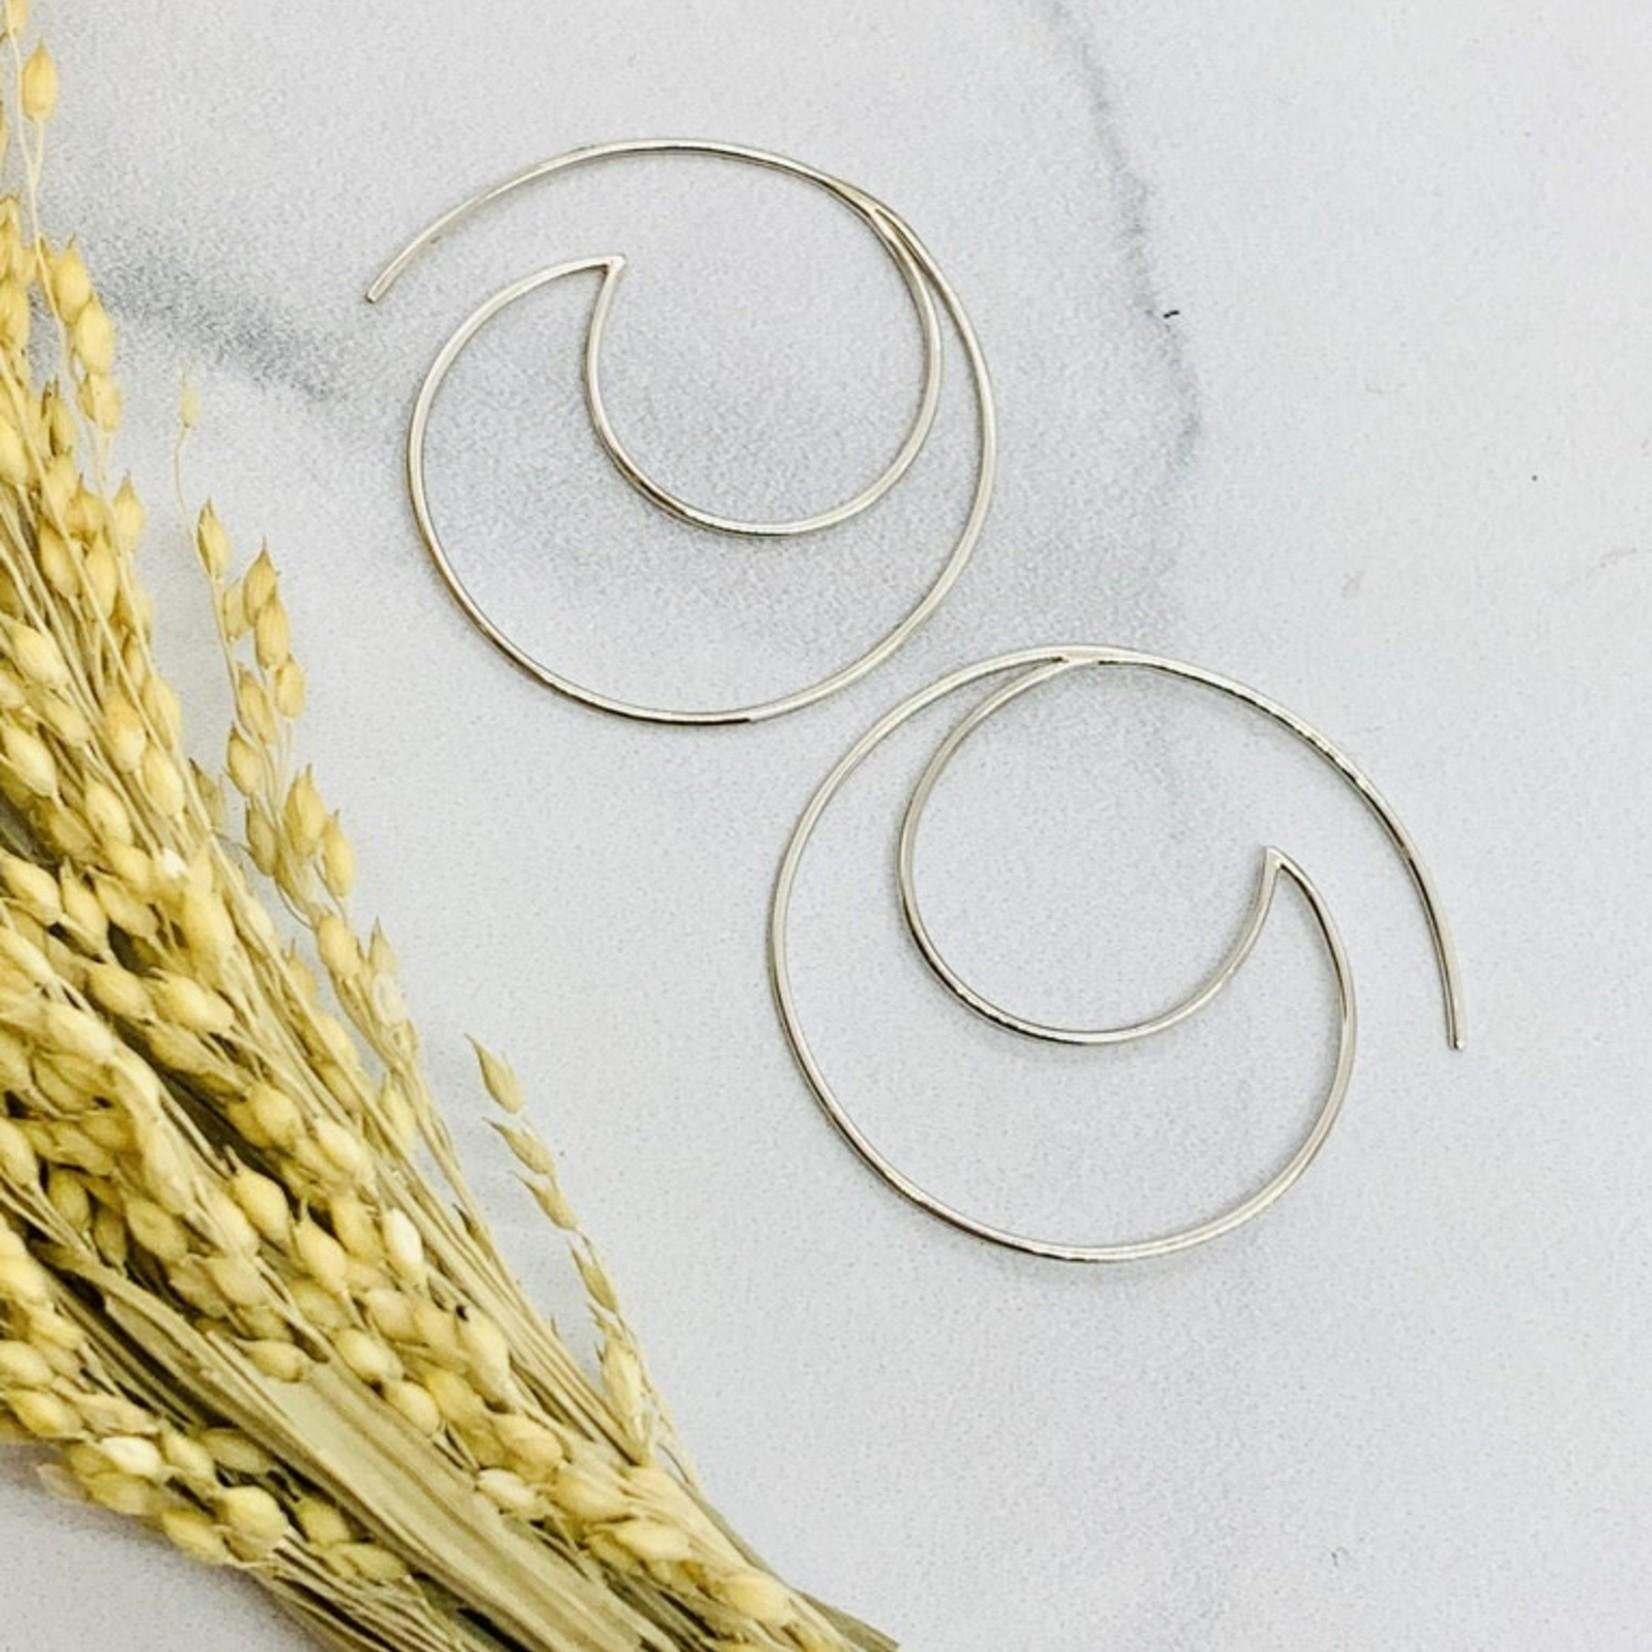 Nina Designs Silver Open Wire Wave Hoop Earrings 34x35mm